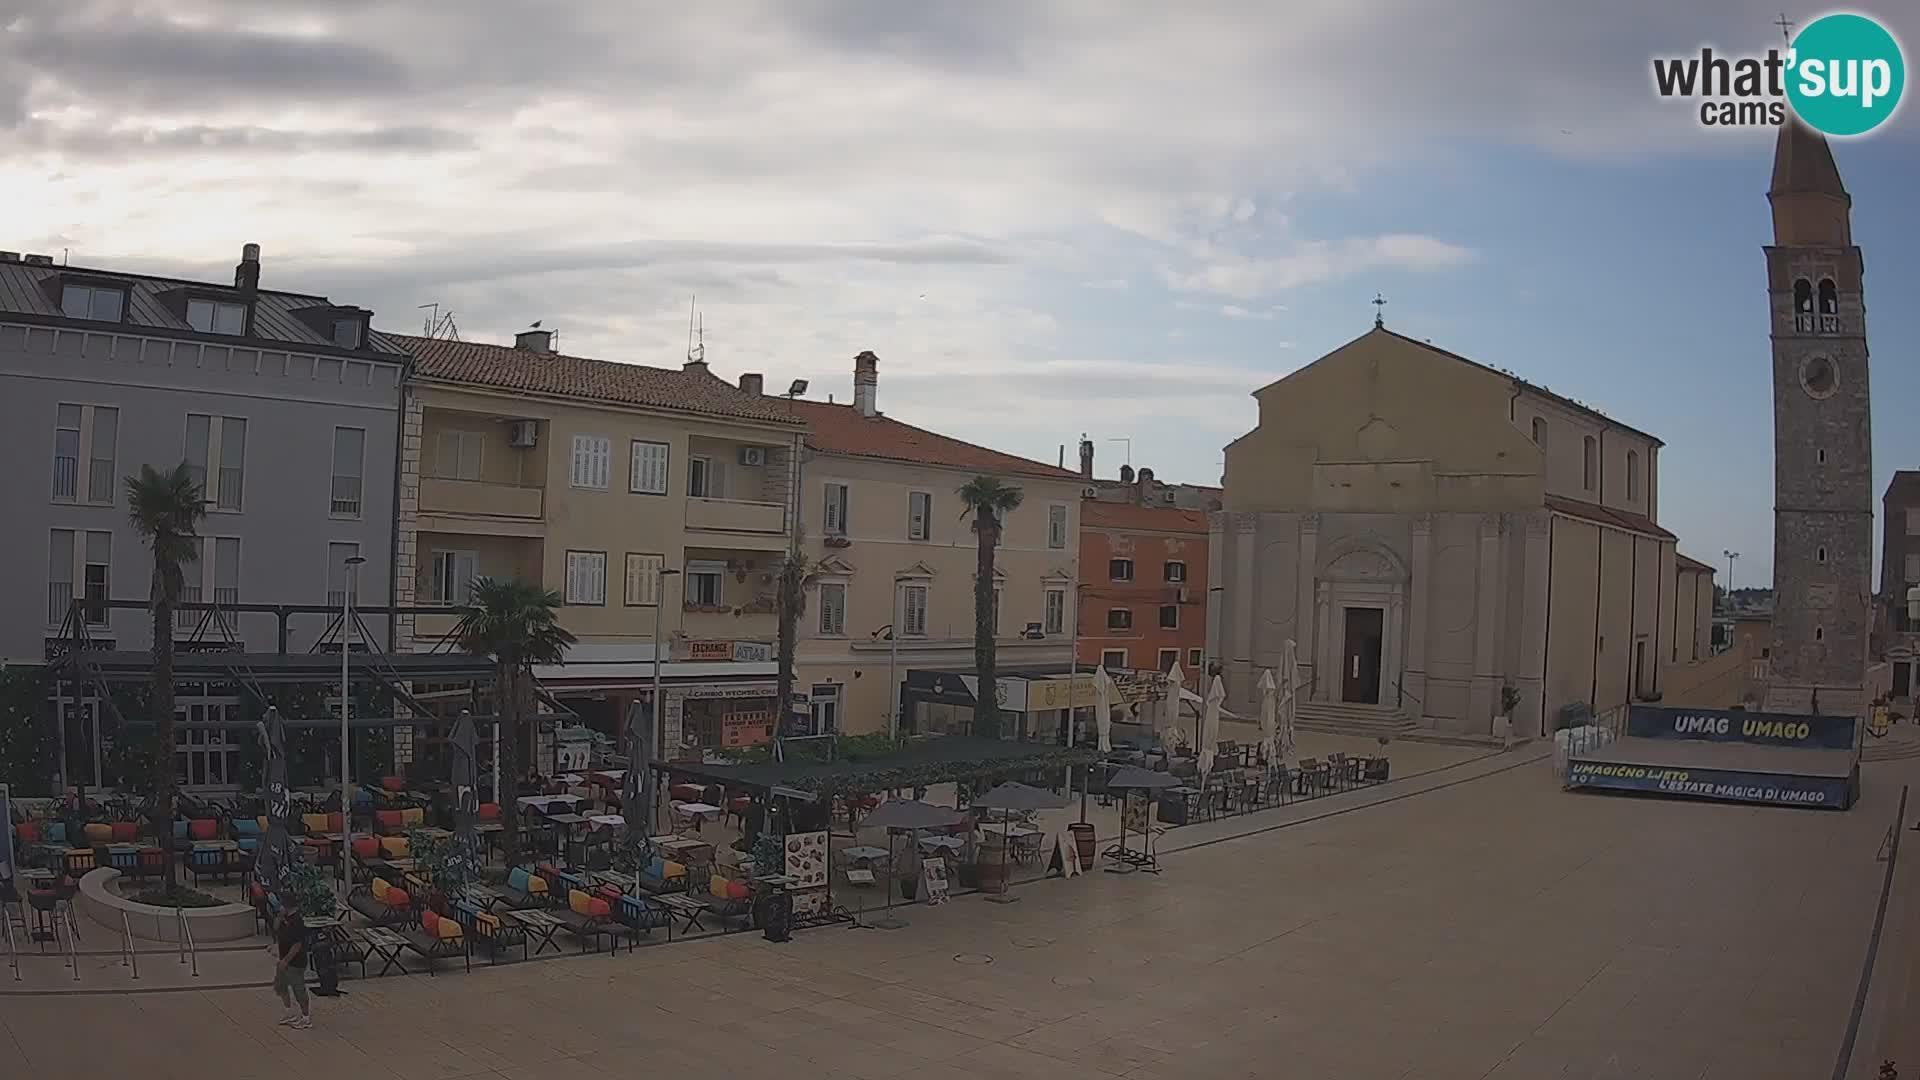 Webcam Umag: City center